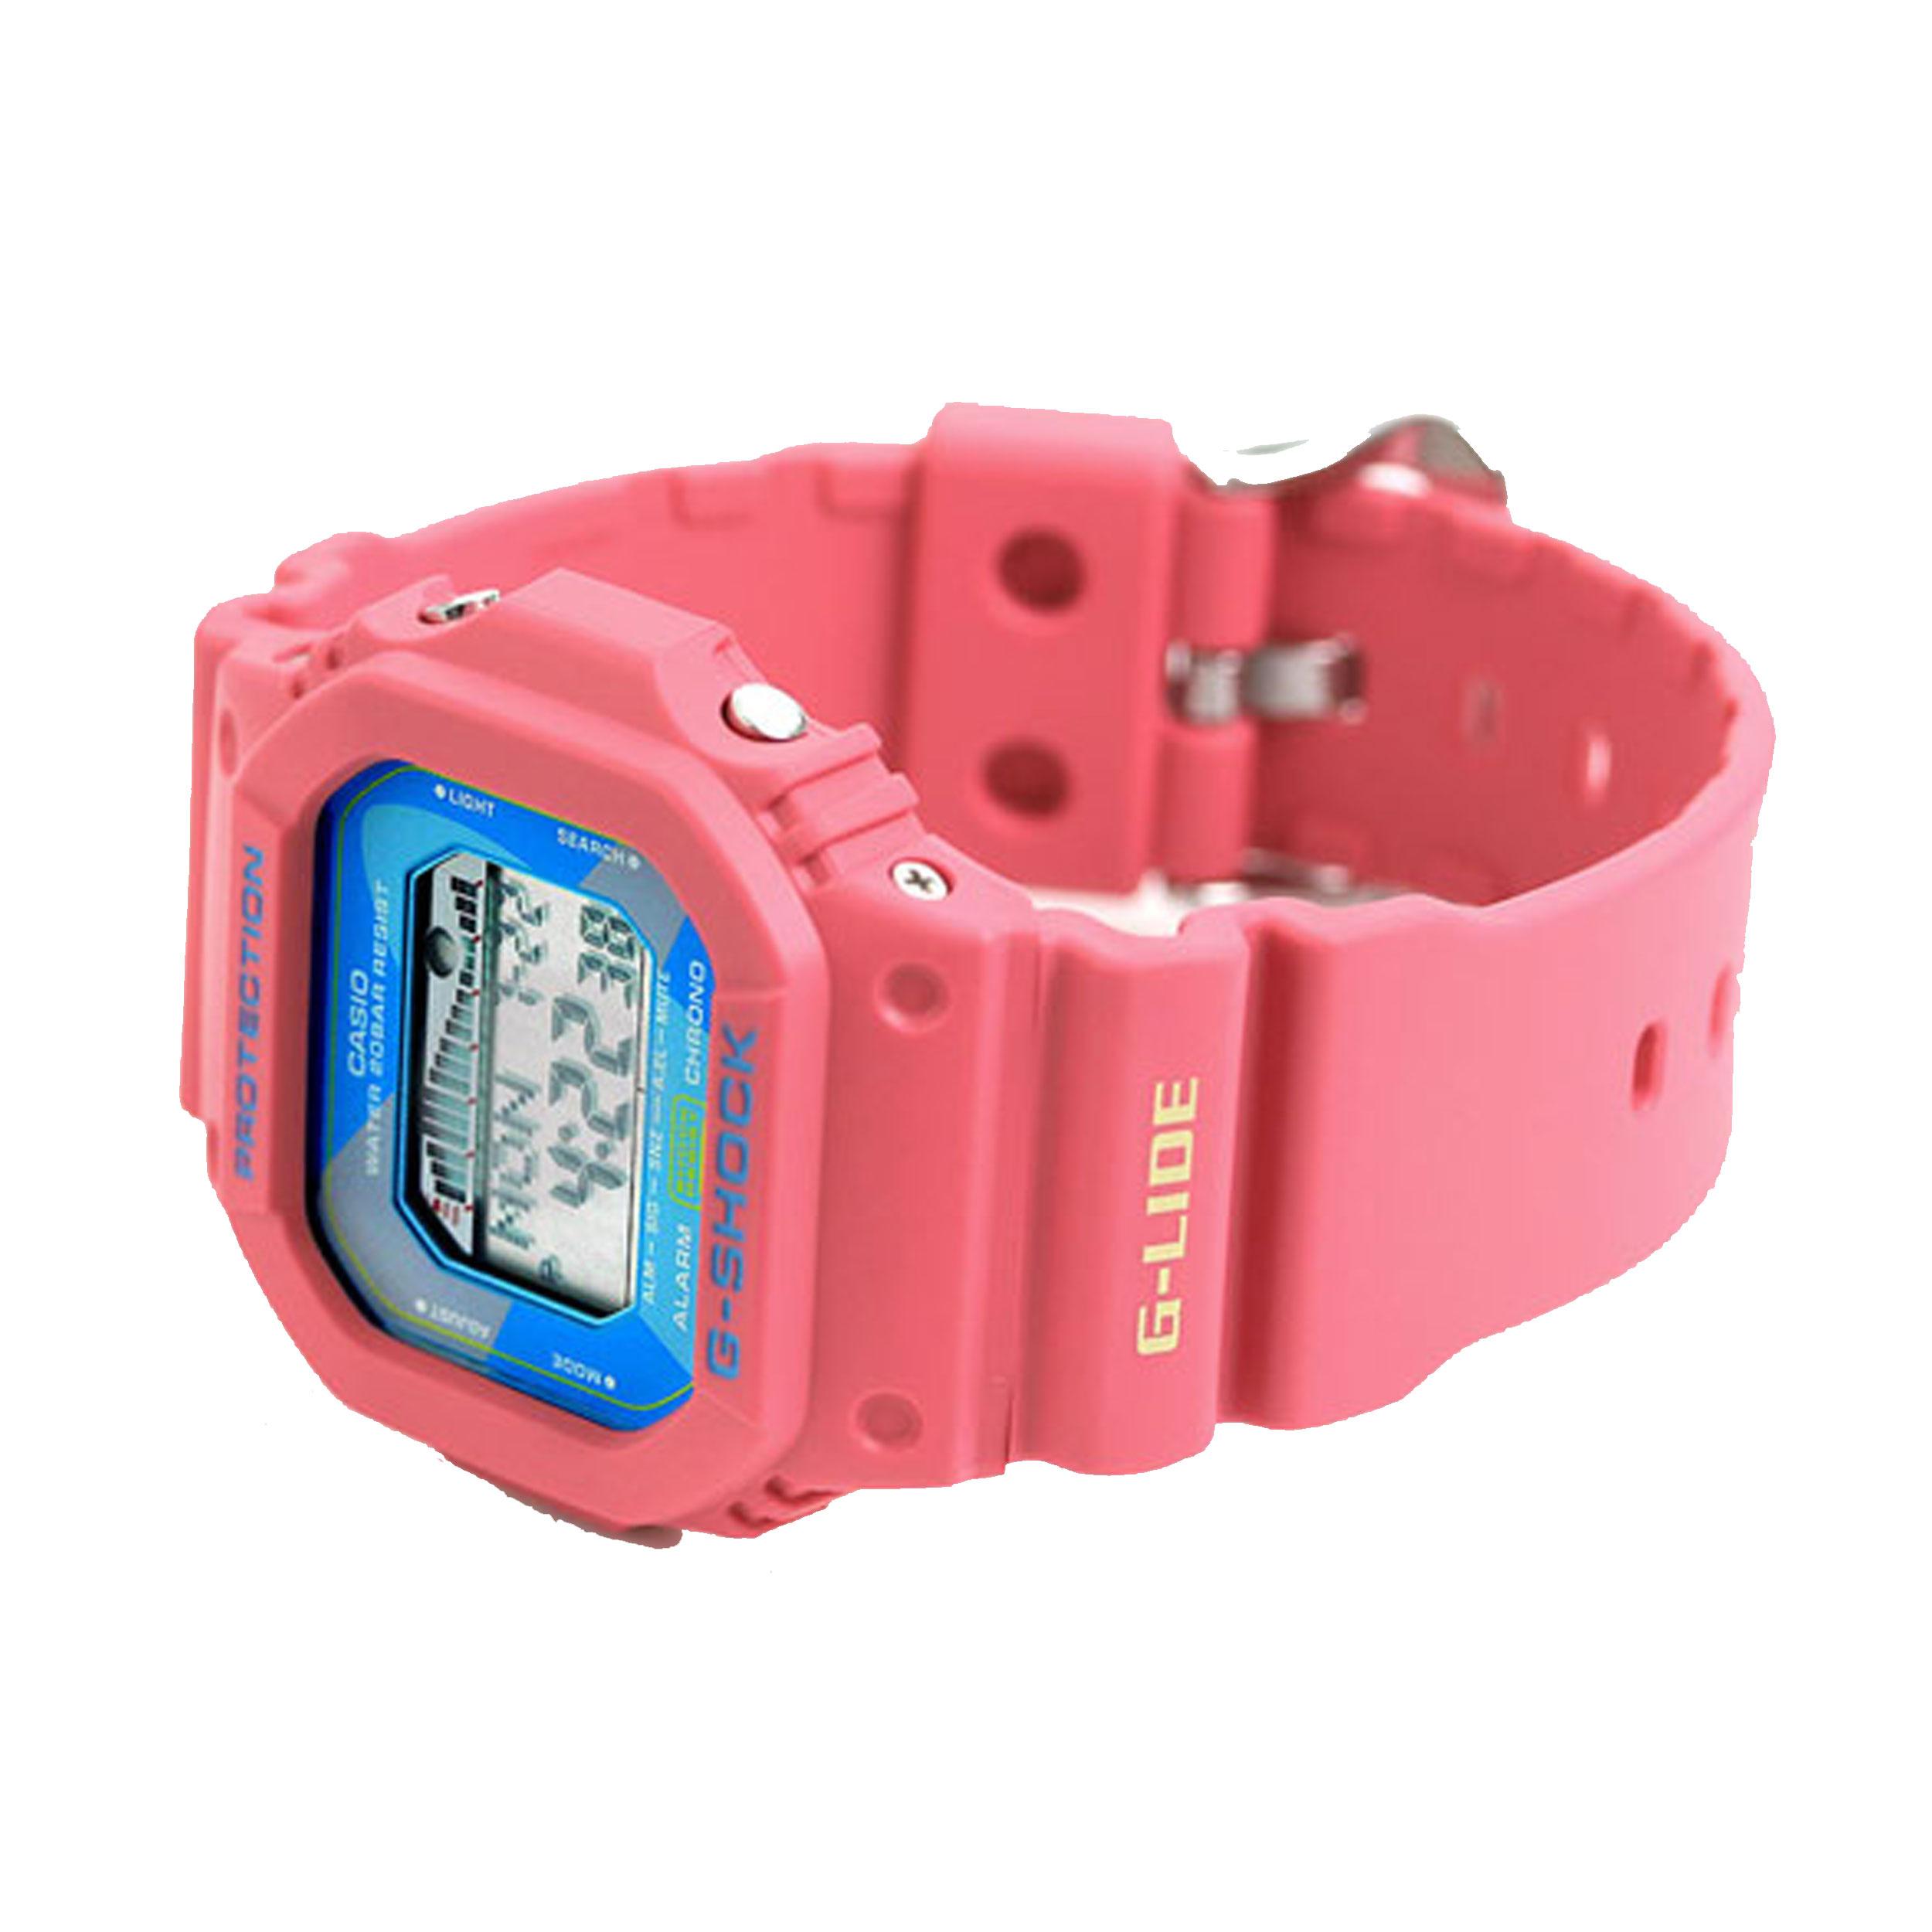 ساعت مچی دیجیتال کاسیو مدل GLX-5600VH-4DR             قیمت